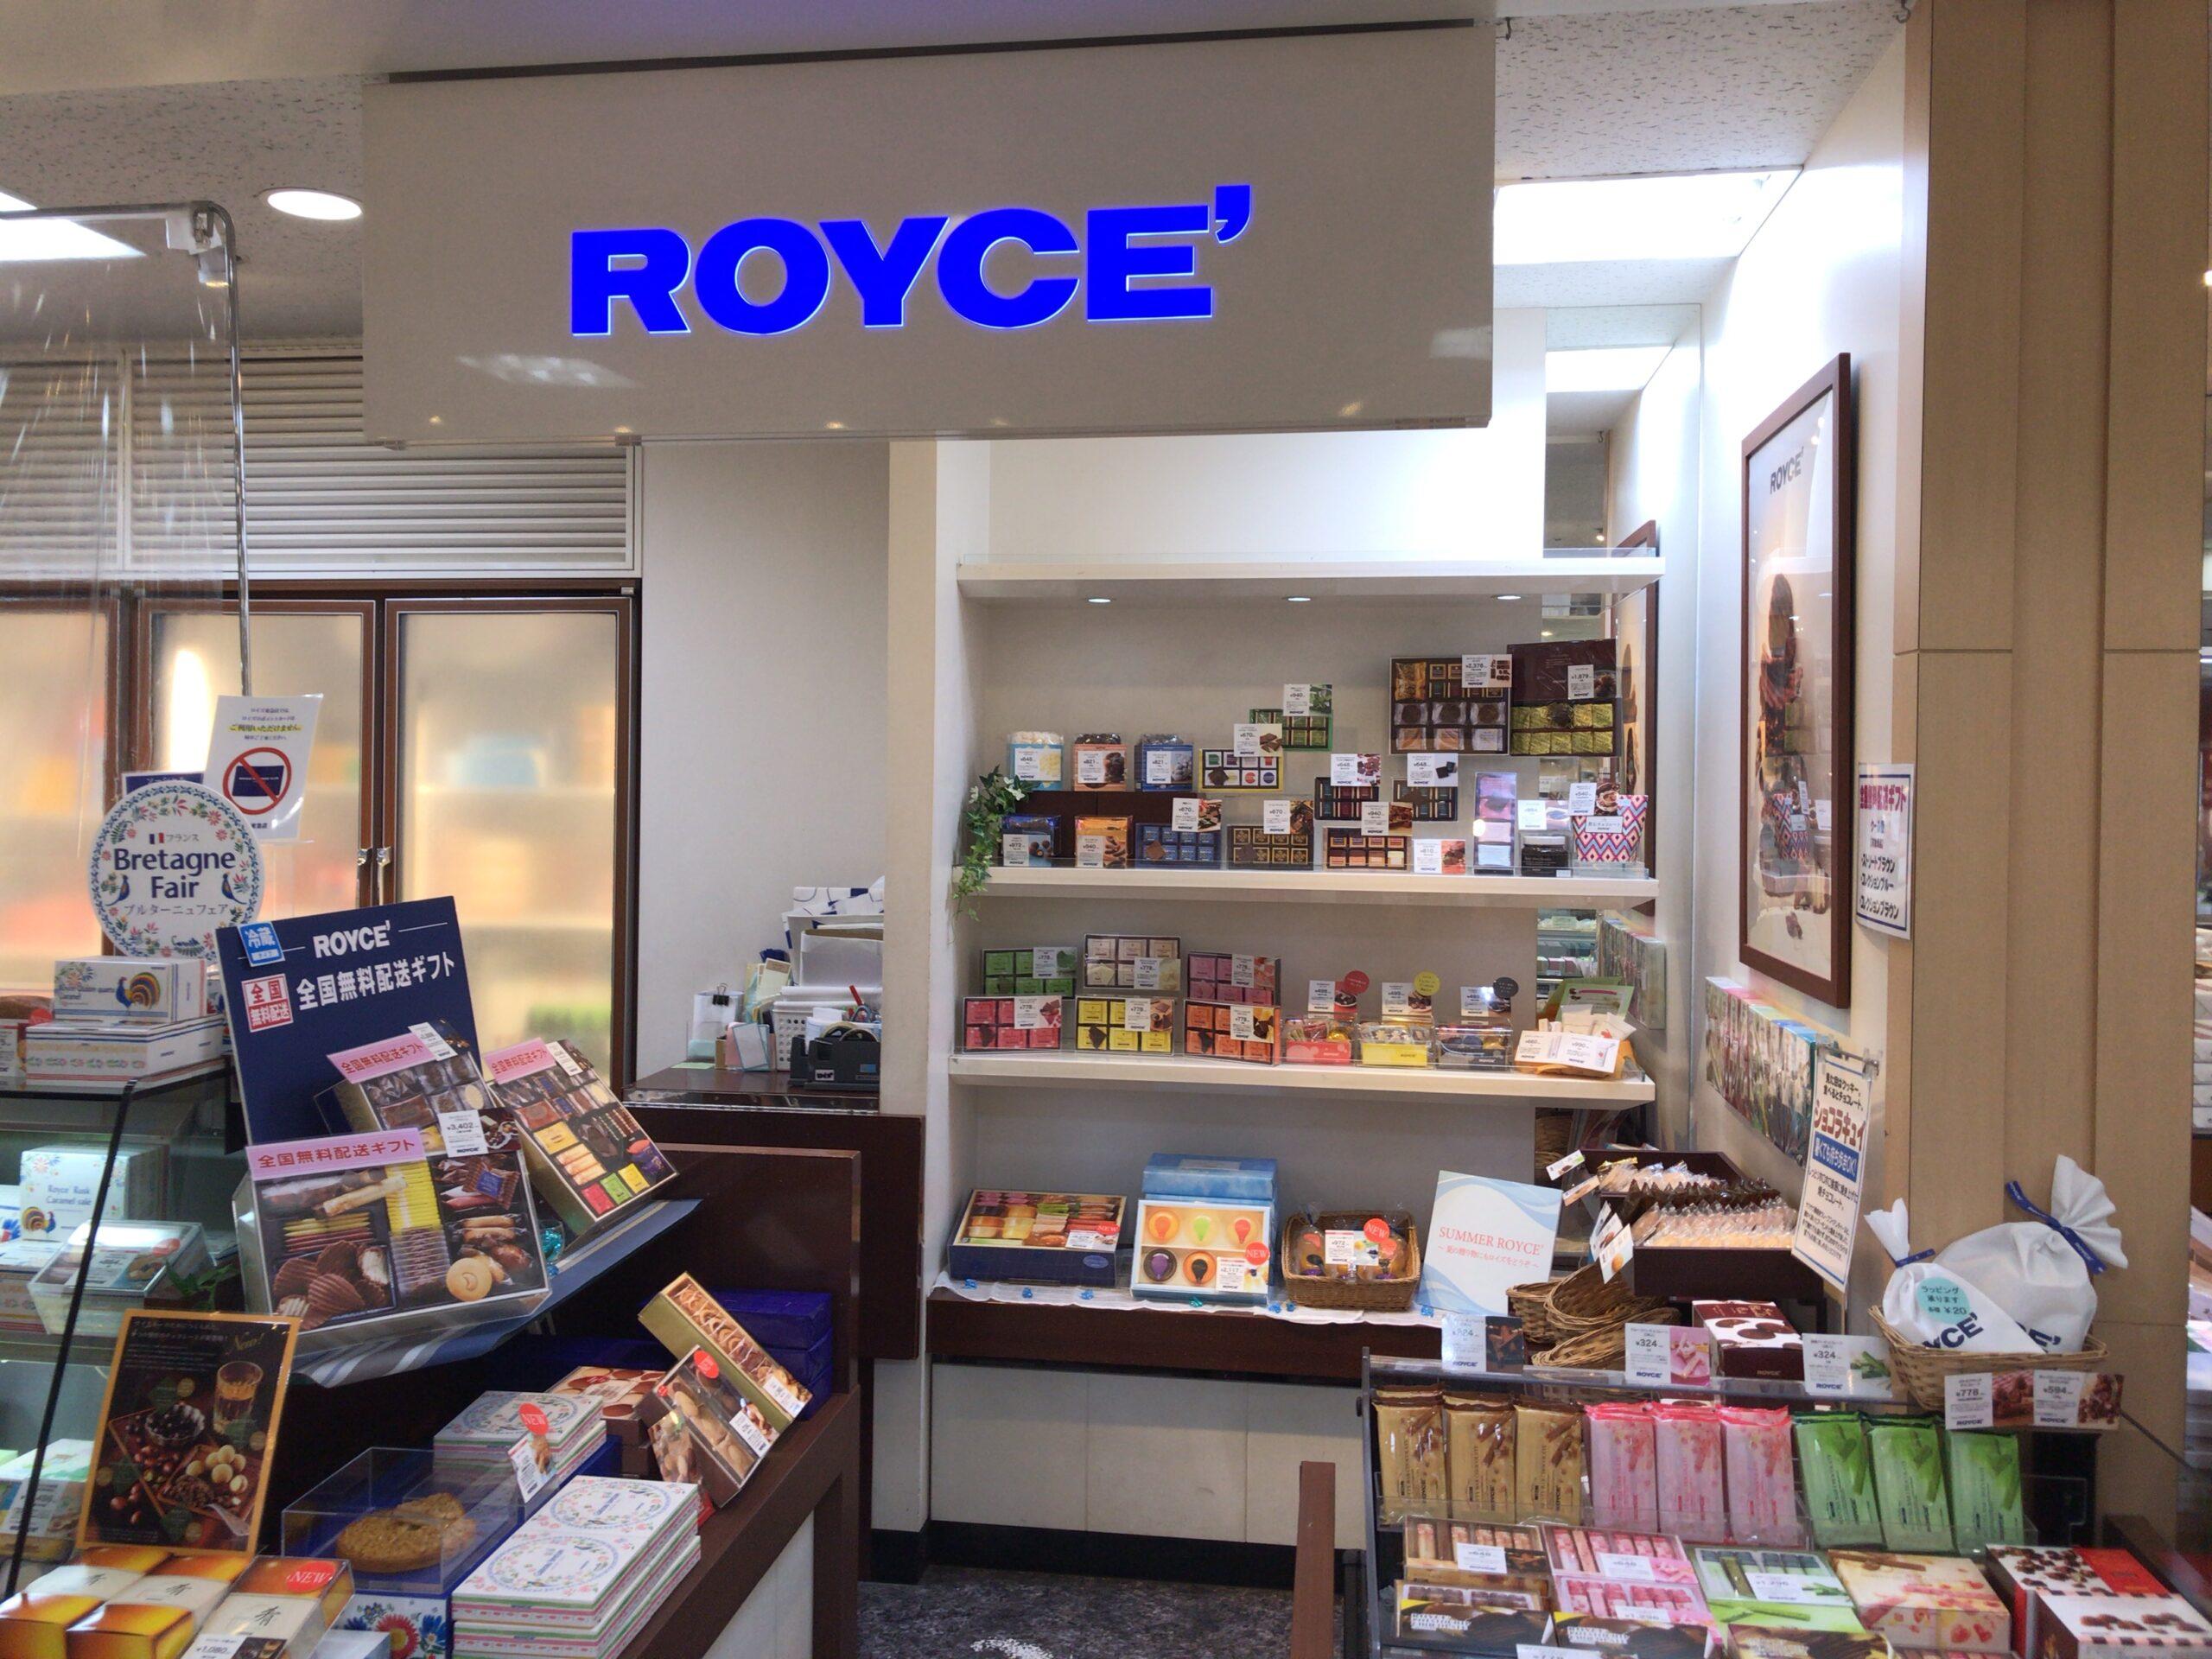 ロイズ(ROYCES') さっぽろ東急店